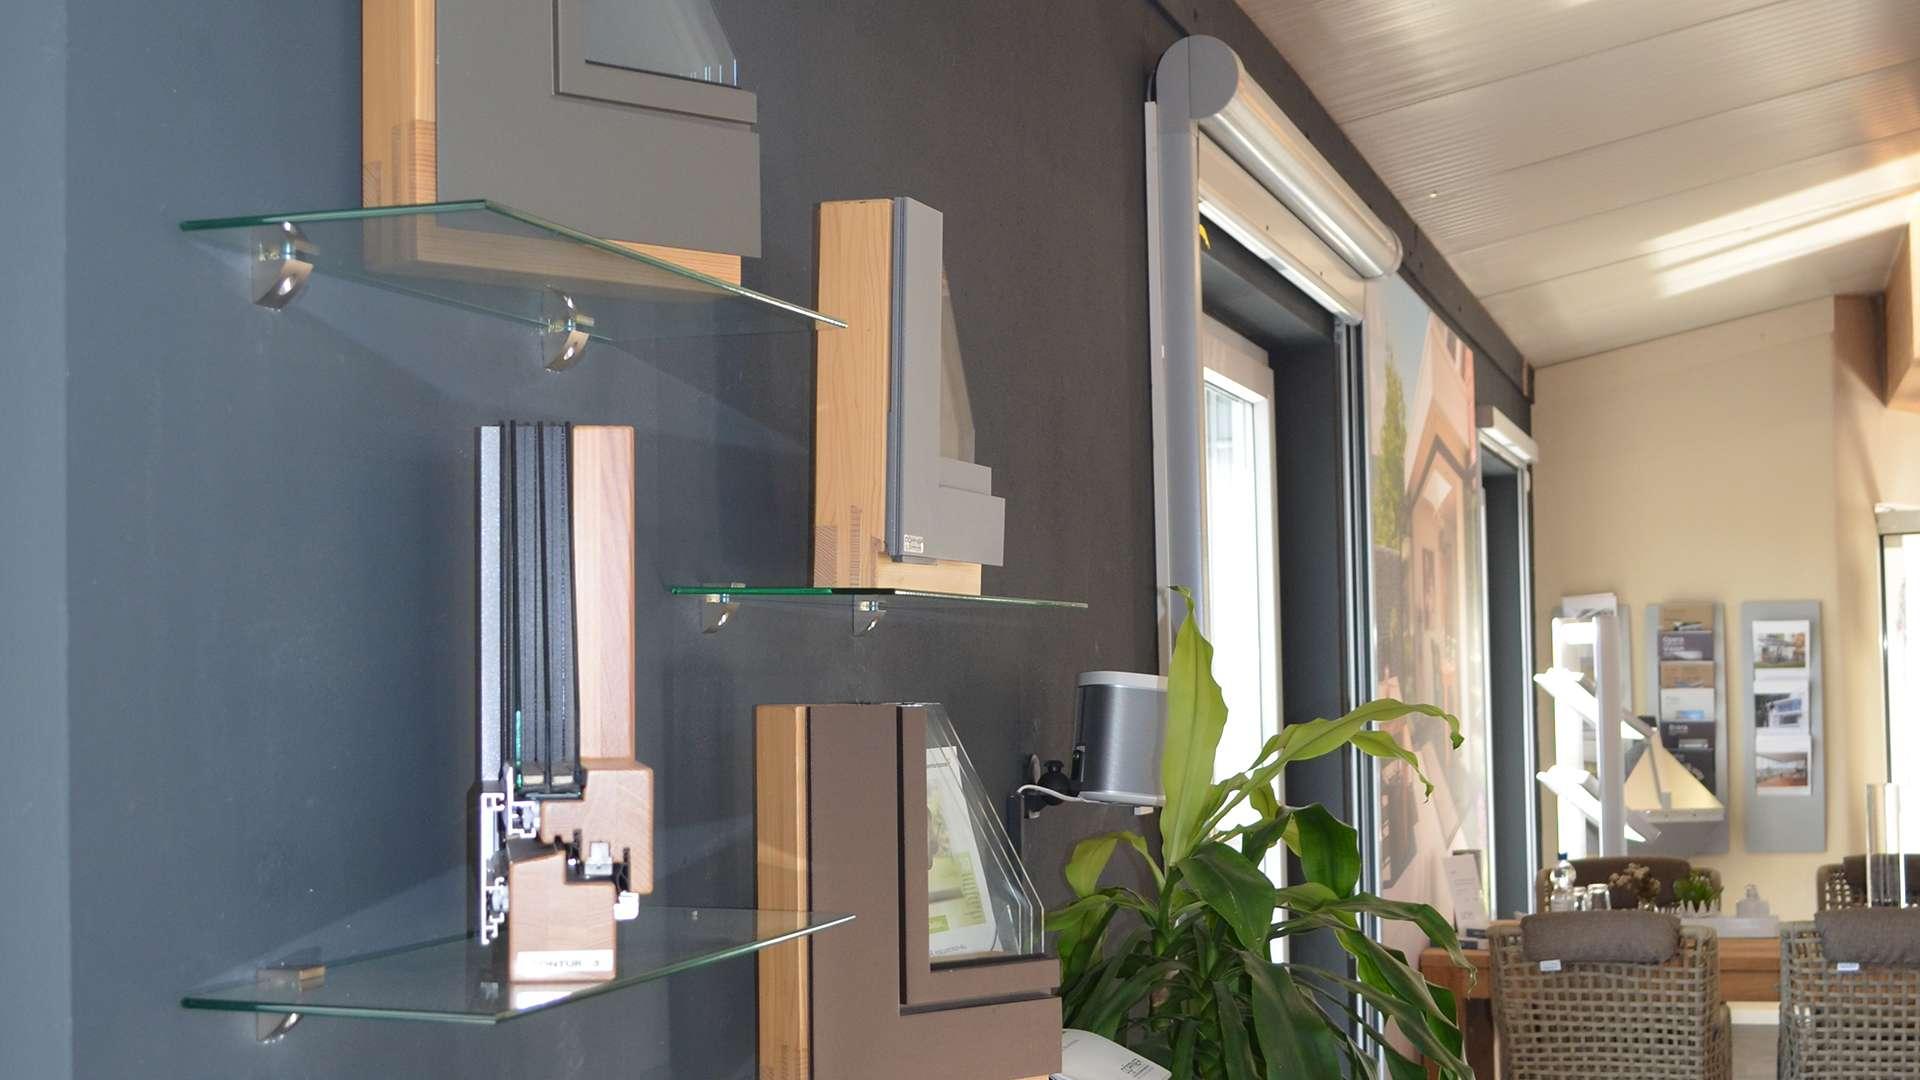 Fenster-Querschnitte in der Ausstellung von Allgäuer Wintergärten in Leutkirch im Allgäu